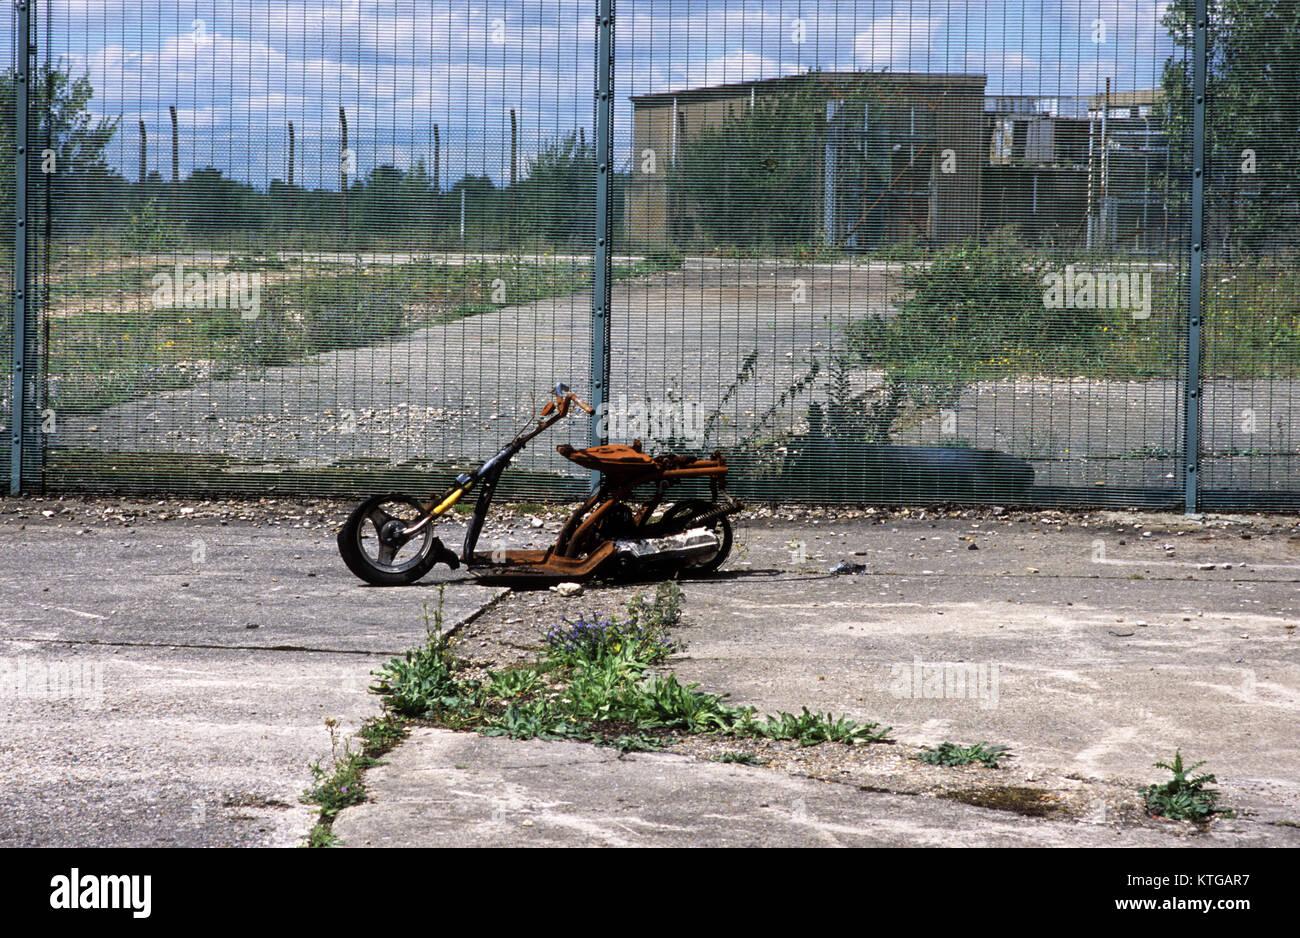 El abandono de la base aérea de Greenham Common, Berkshire, Reino Unido, 2013 Imagen De Stock